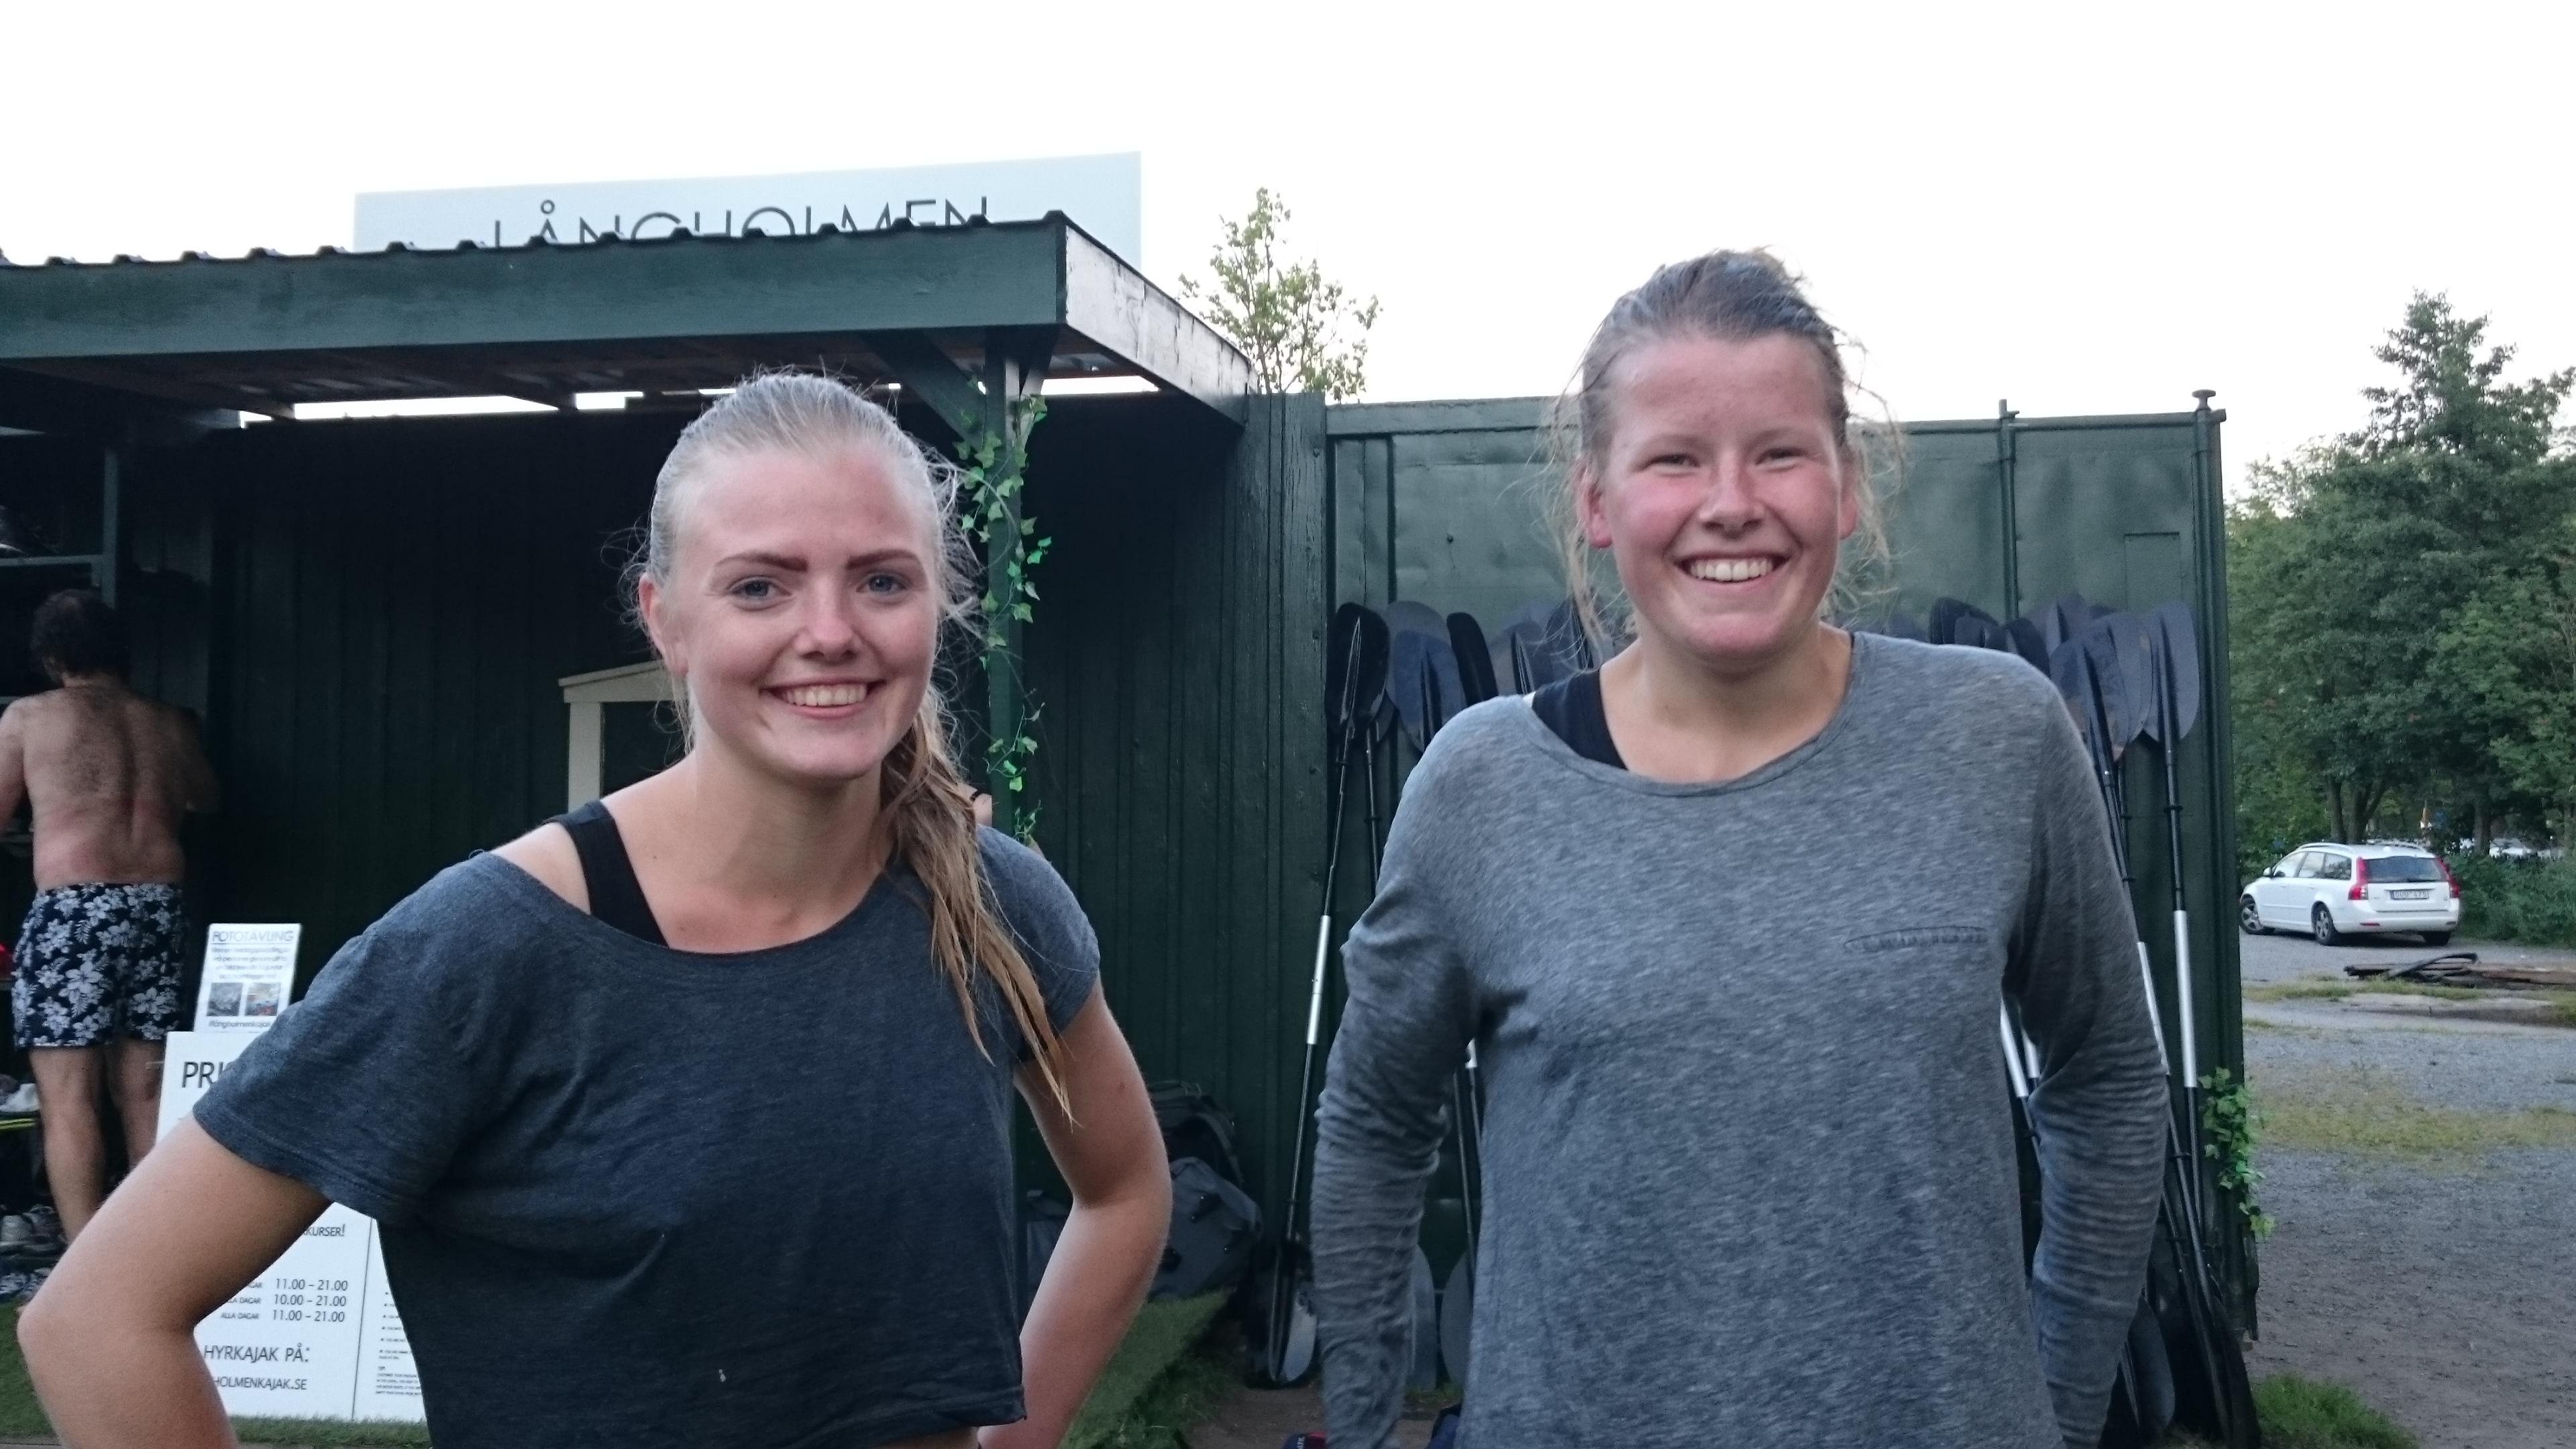 Hanna Lindoff Duprez och Louise Jansson har badat med kläderna på. -Vi provade kamraträddning, säger de två vännerna och ser nöjda ut.